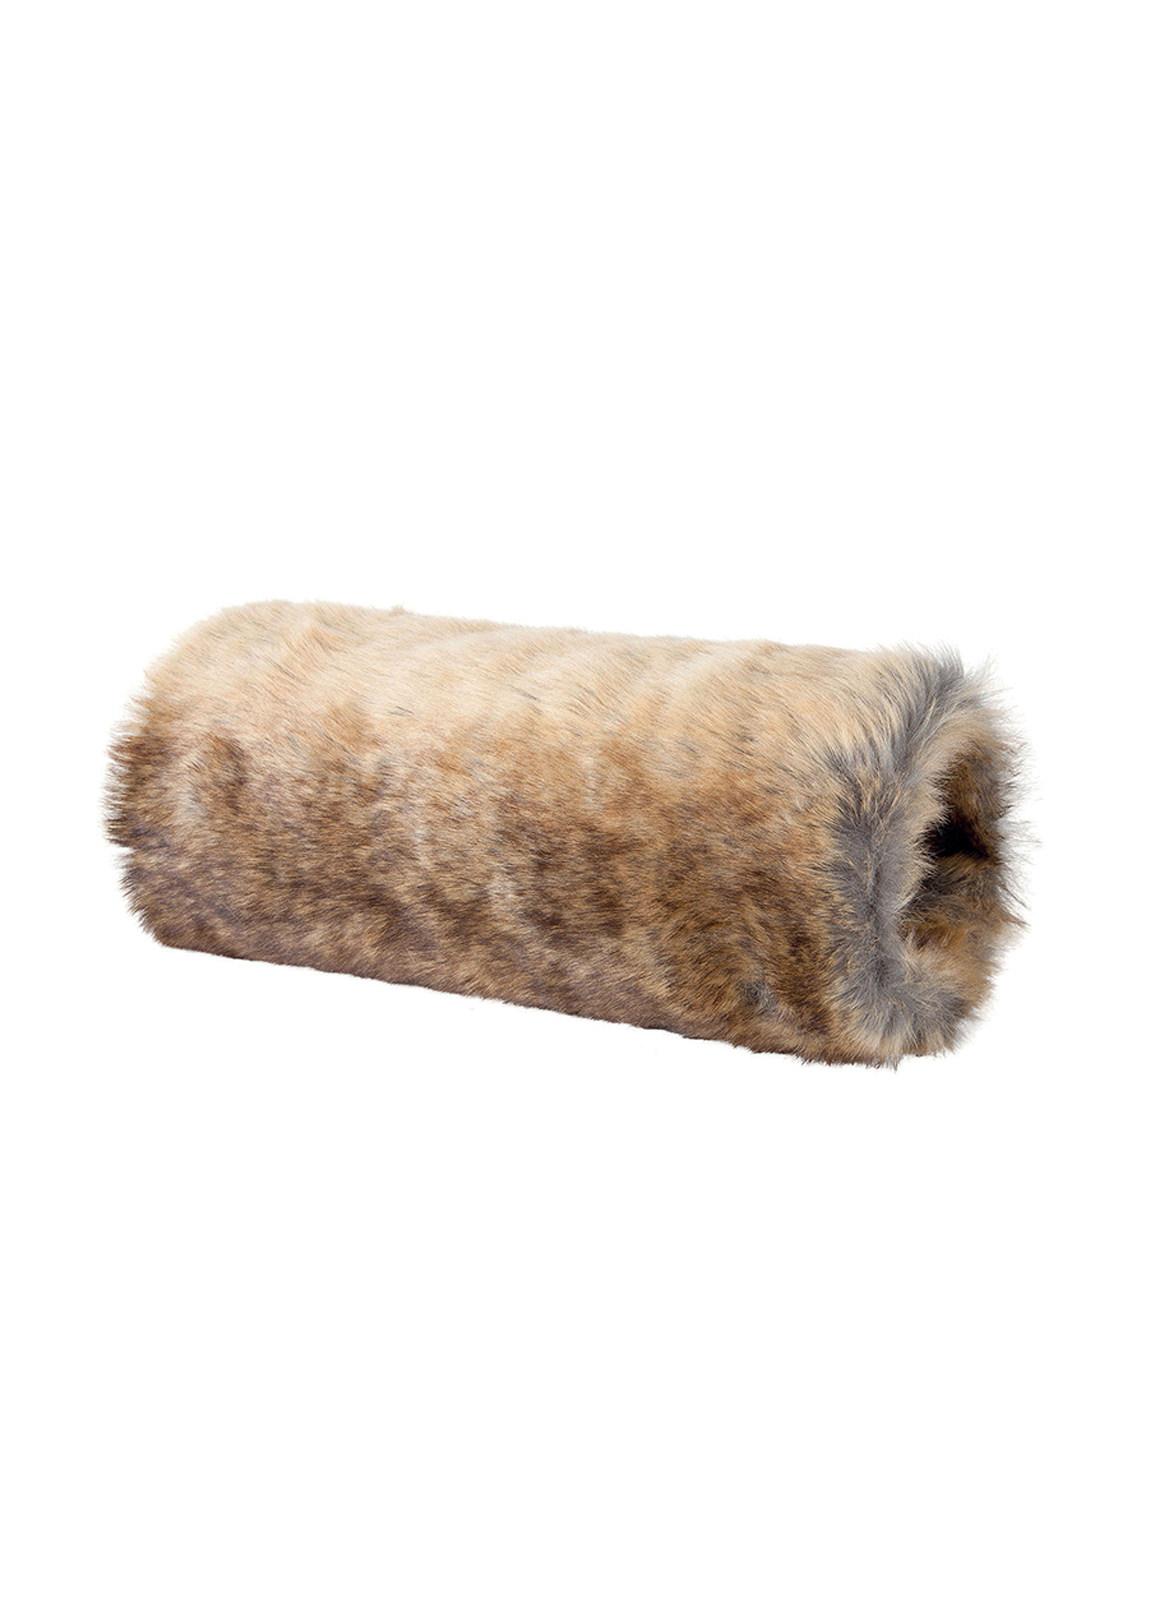 Dubarry_Swords Faux Fur Muff - Chinchilla_Image_2